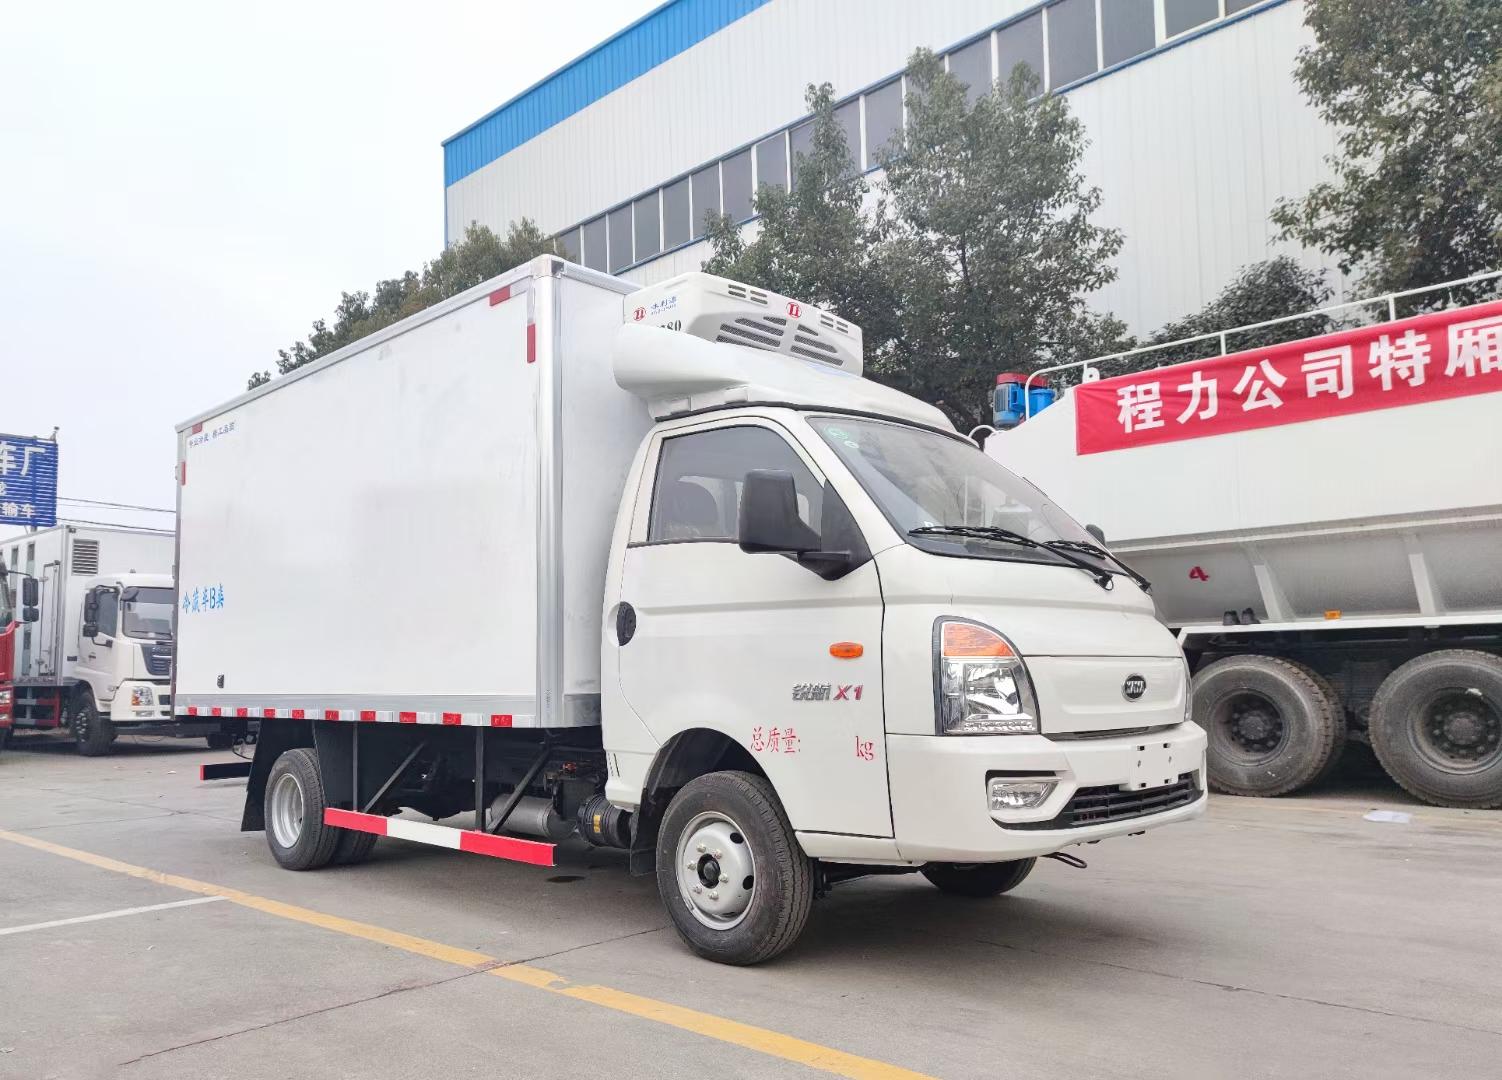 凯马国六蓝牌小型厢式鲜奶冷冻食品配送车冷藏车图片